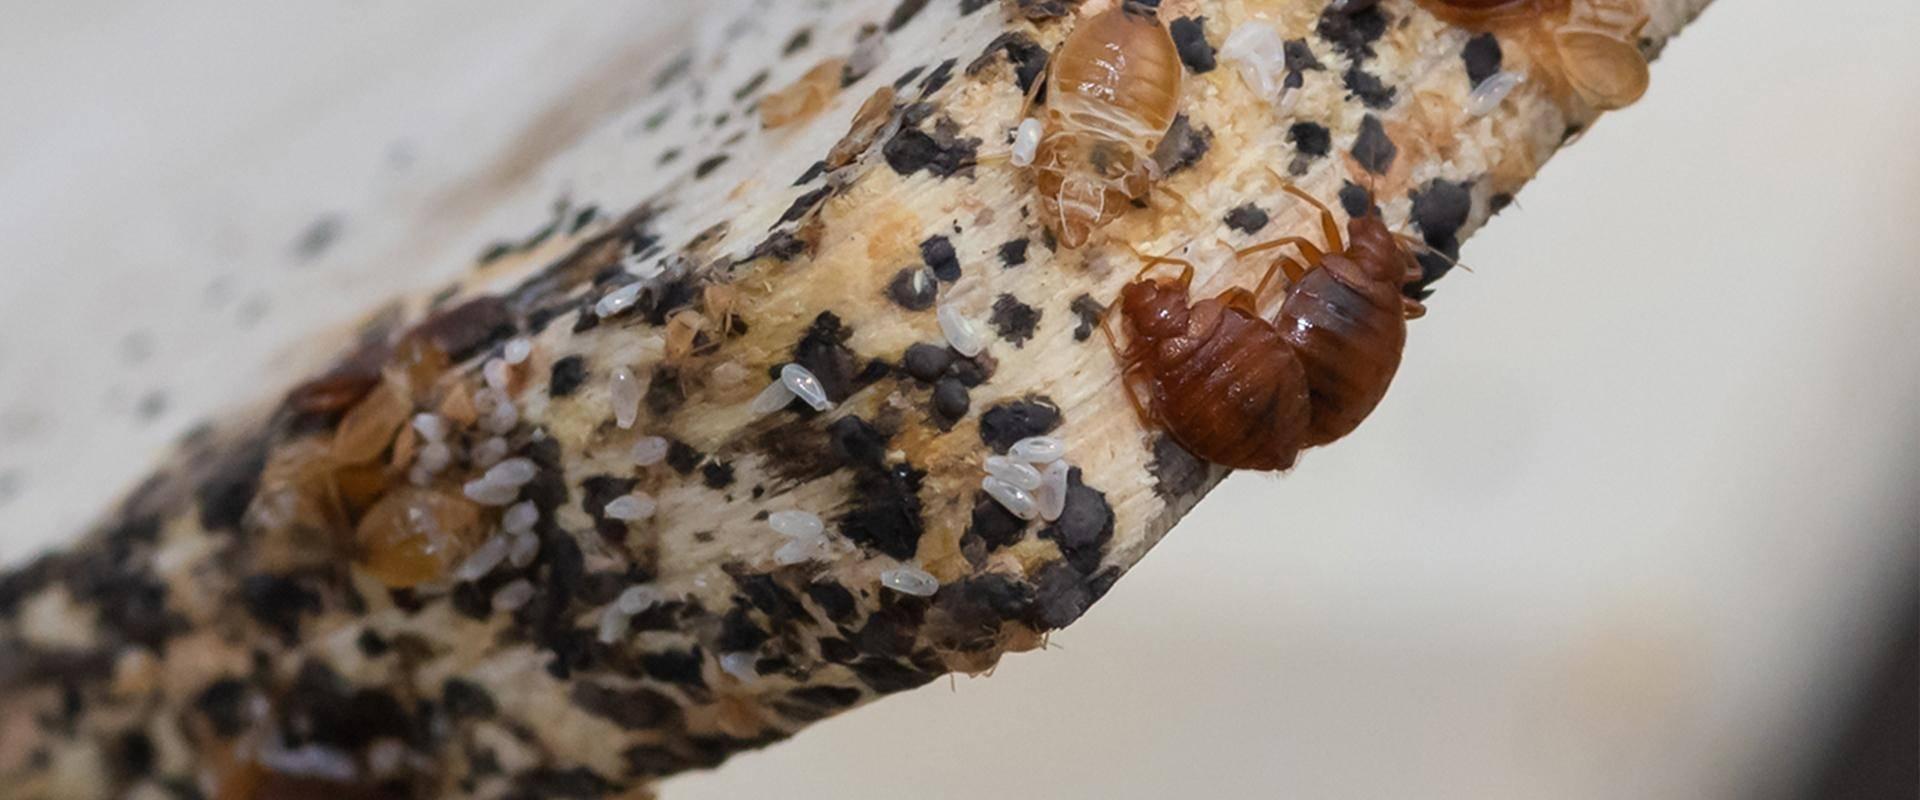 bedbugs on wood